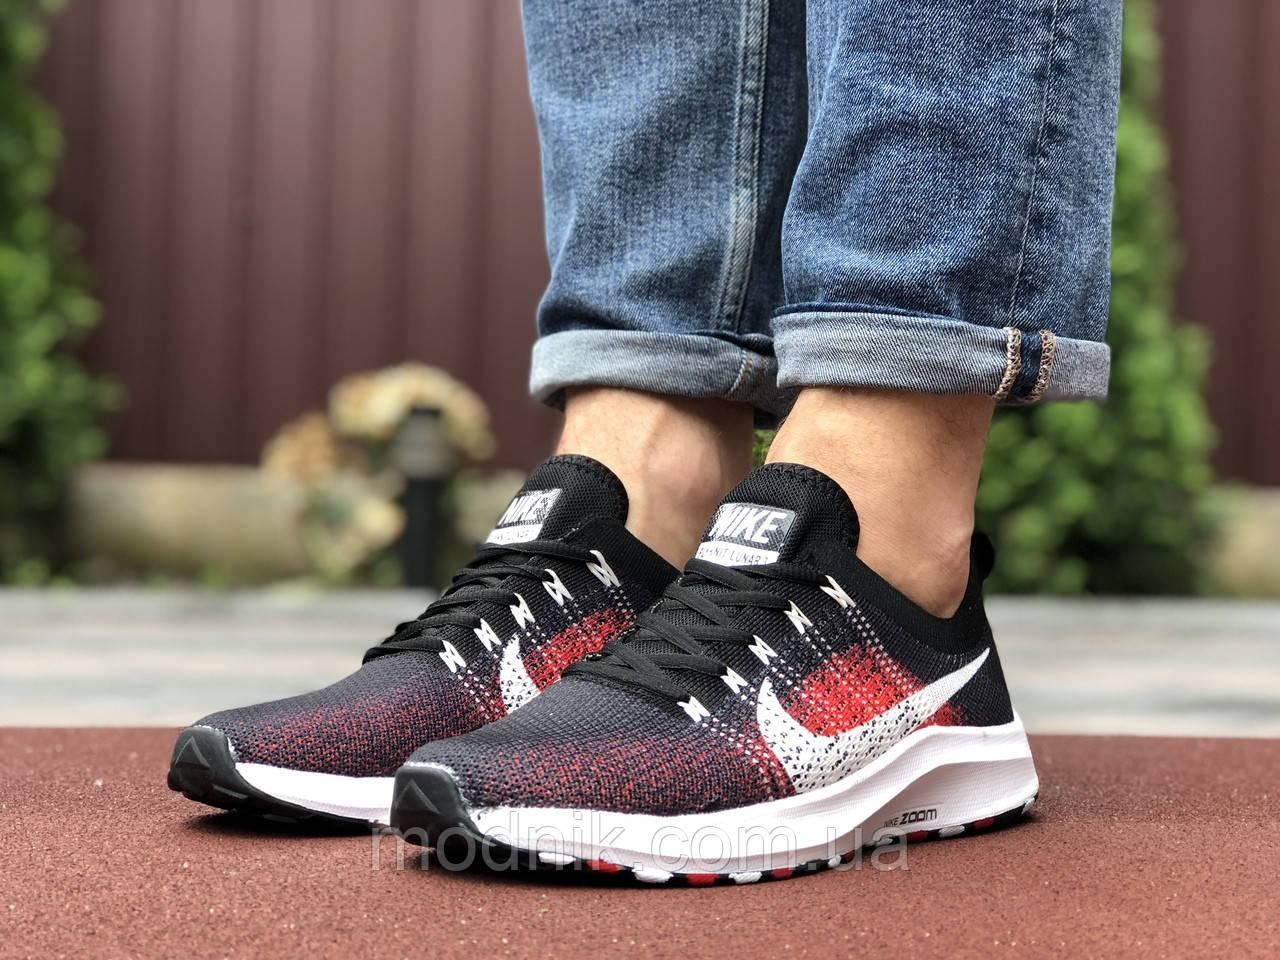 Чоловічі кросівки Nike Zoom (темно-синій з чорним і червоним) 9582